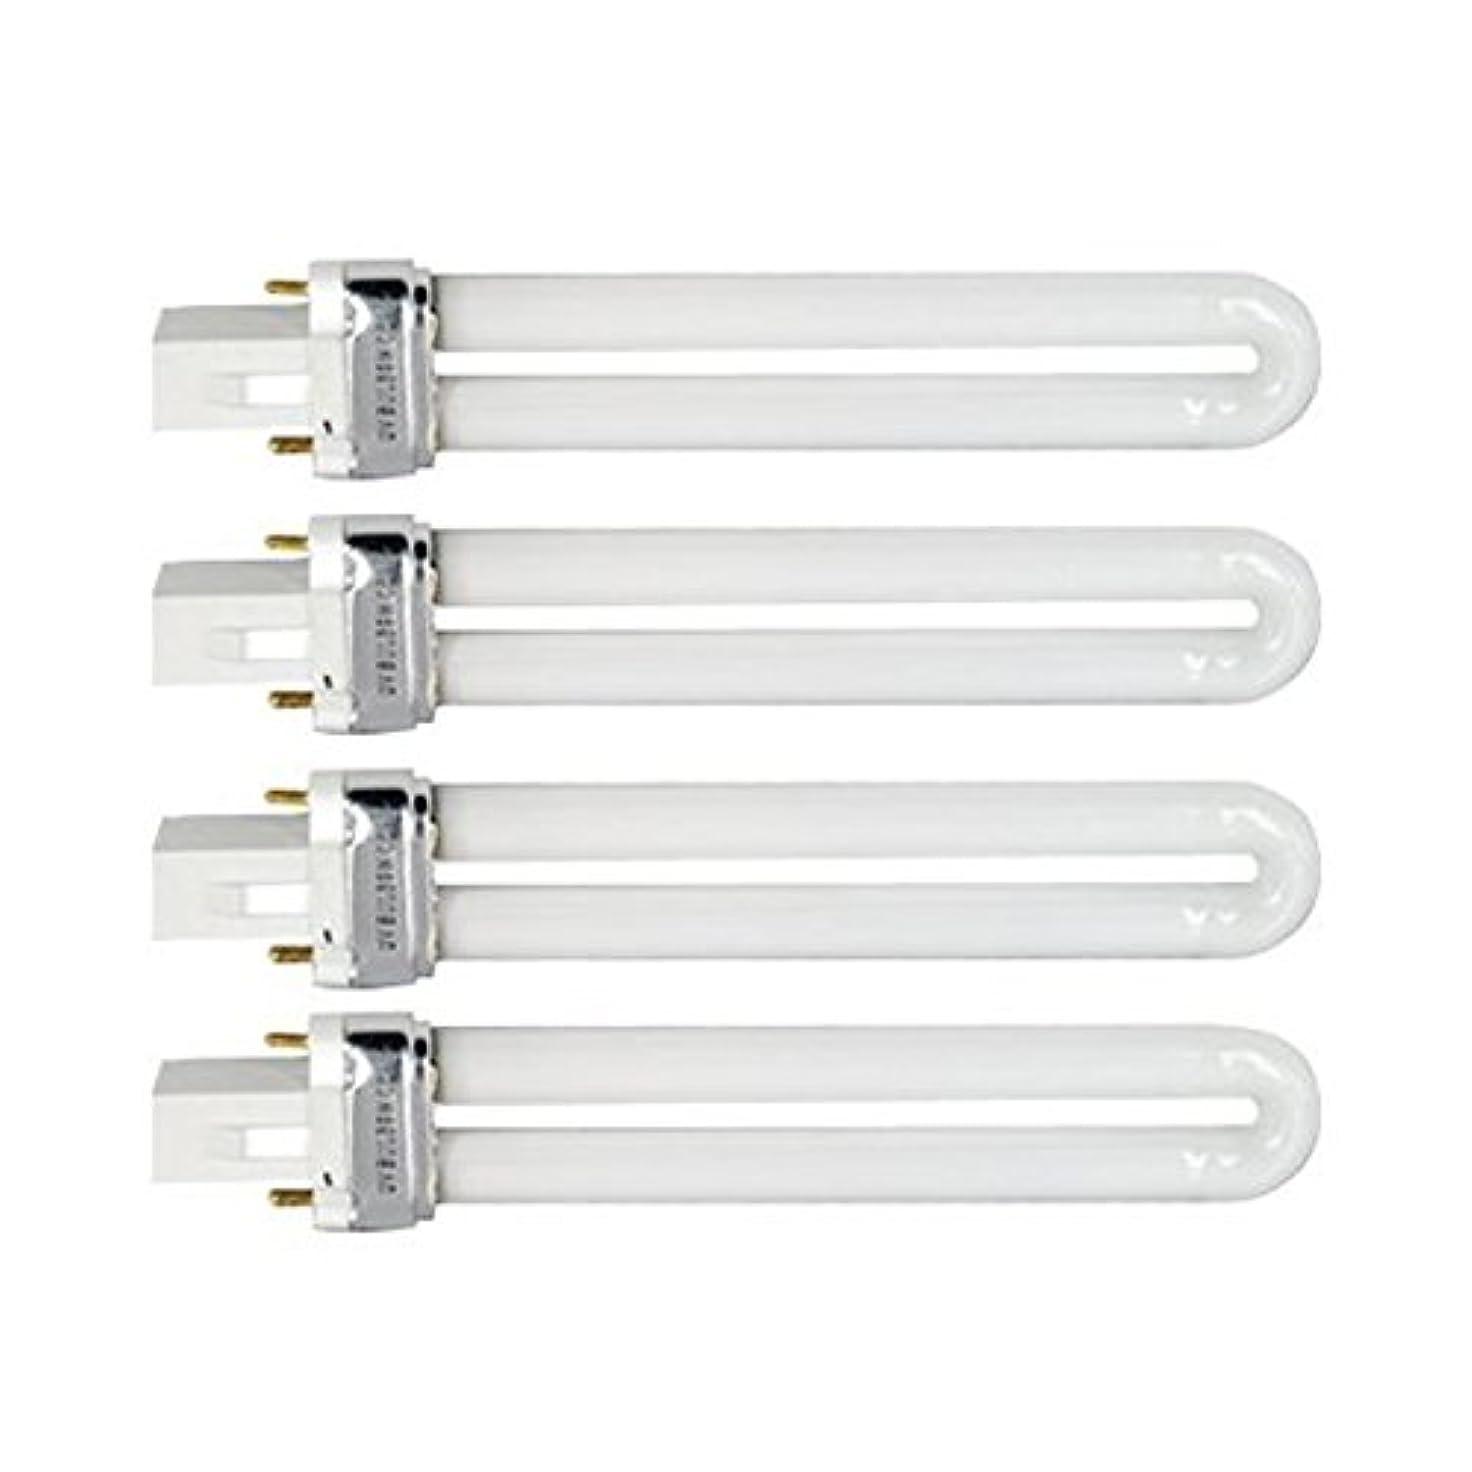 矢回転させる所持Tinksky UV灯 紫外線 殺菌灯 電球交換 9 ワット U 型 365 nm ランプ電球チューブ ネイル アート Dryer-4 pcsset